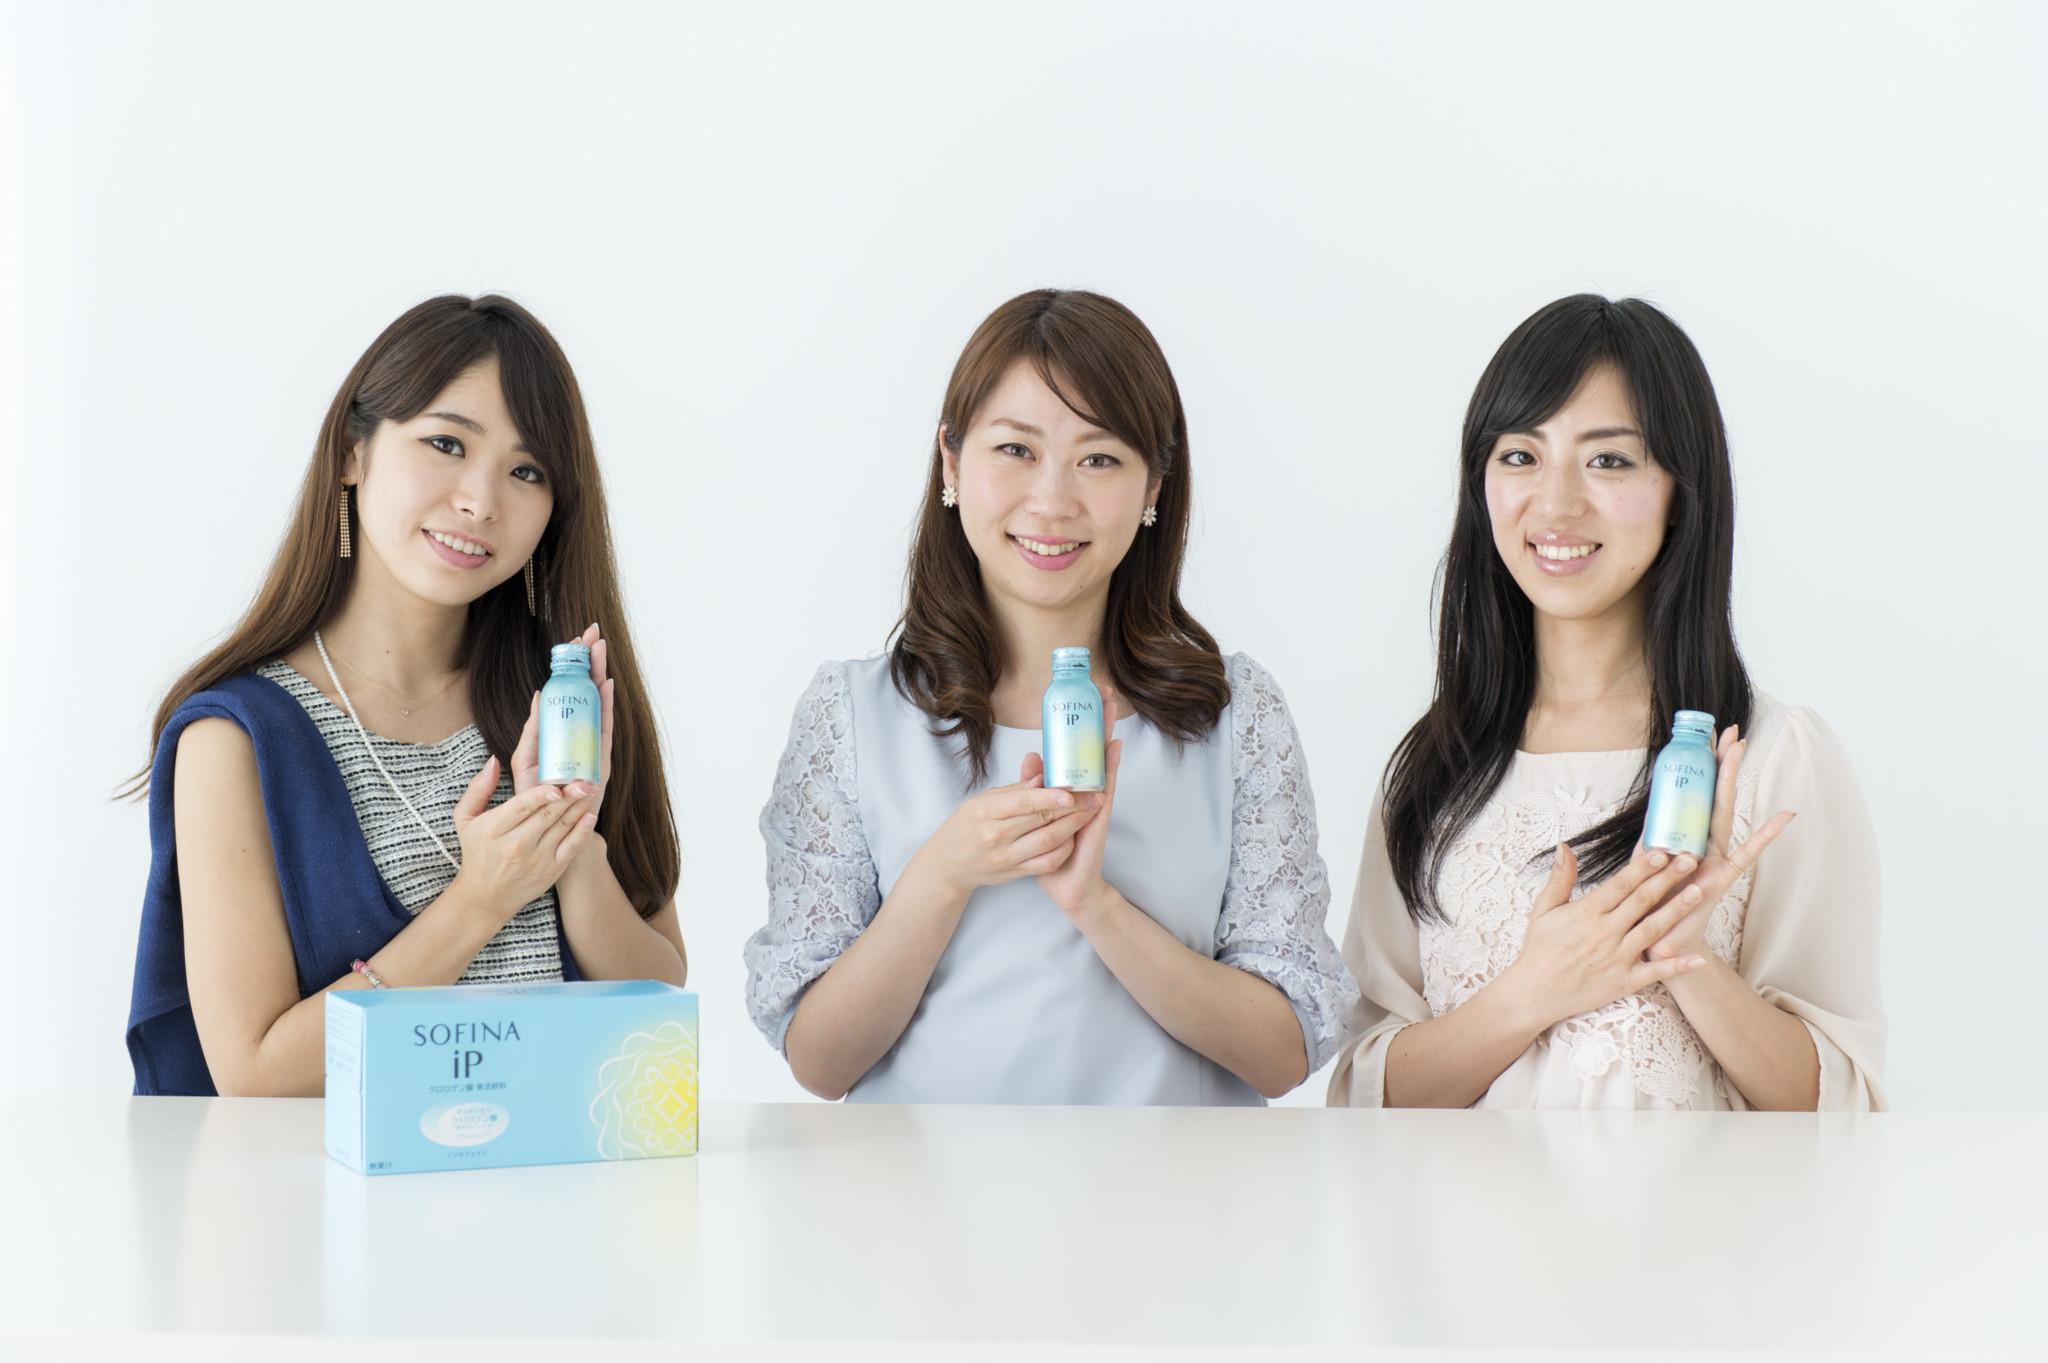 右から、星野昇子さん(no.179、31歳・音楽関連)、浅井裕美さん(no.80、30歳。大学講師)、片桐優妃さん(no.115、25歳・会社員)